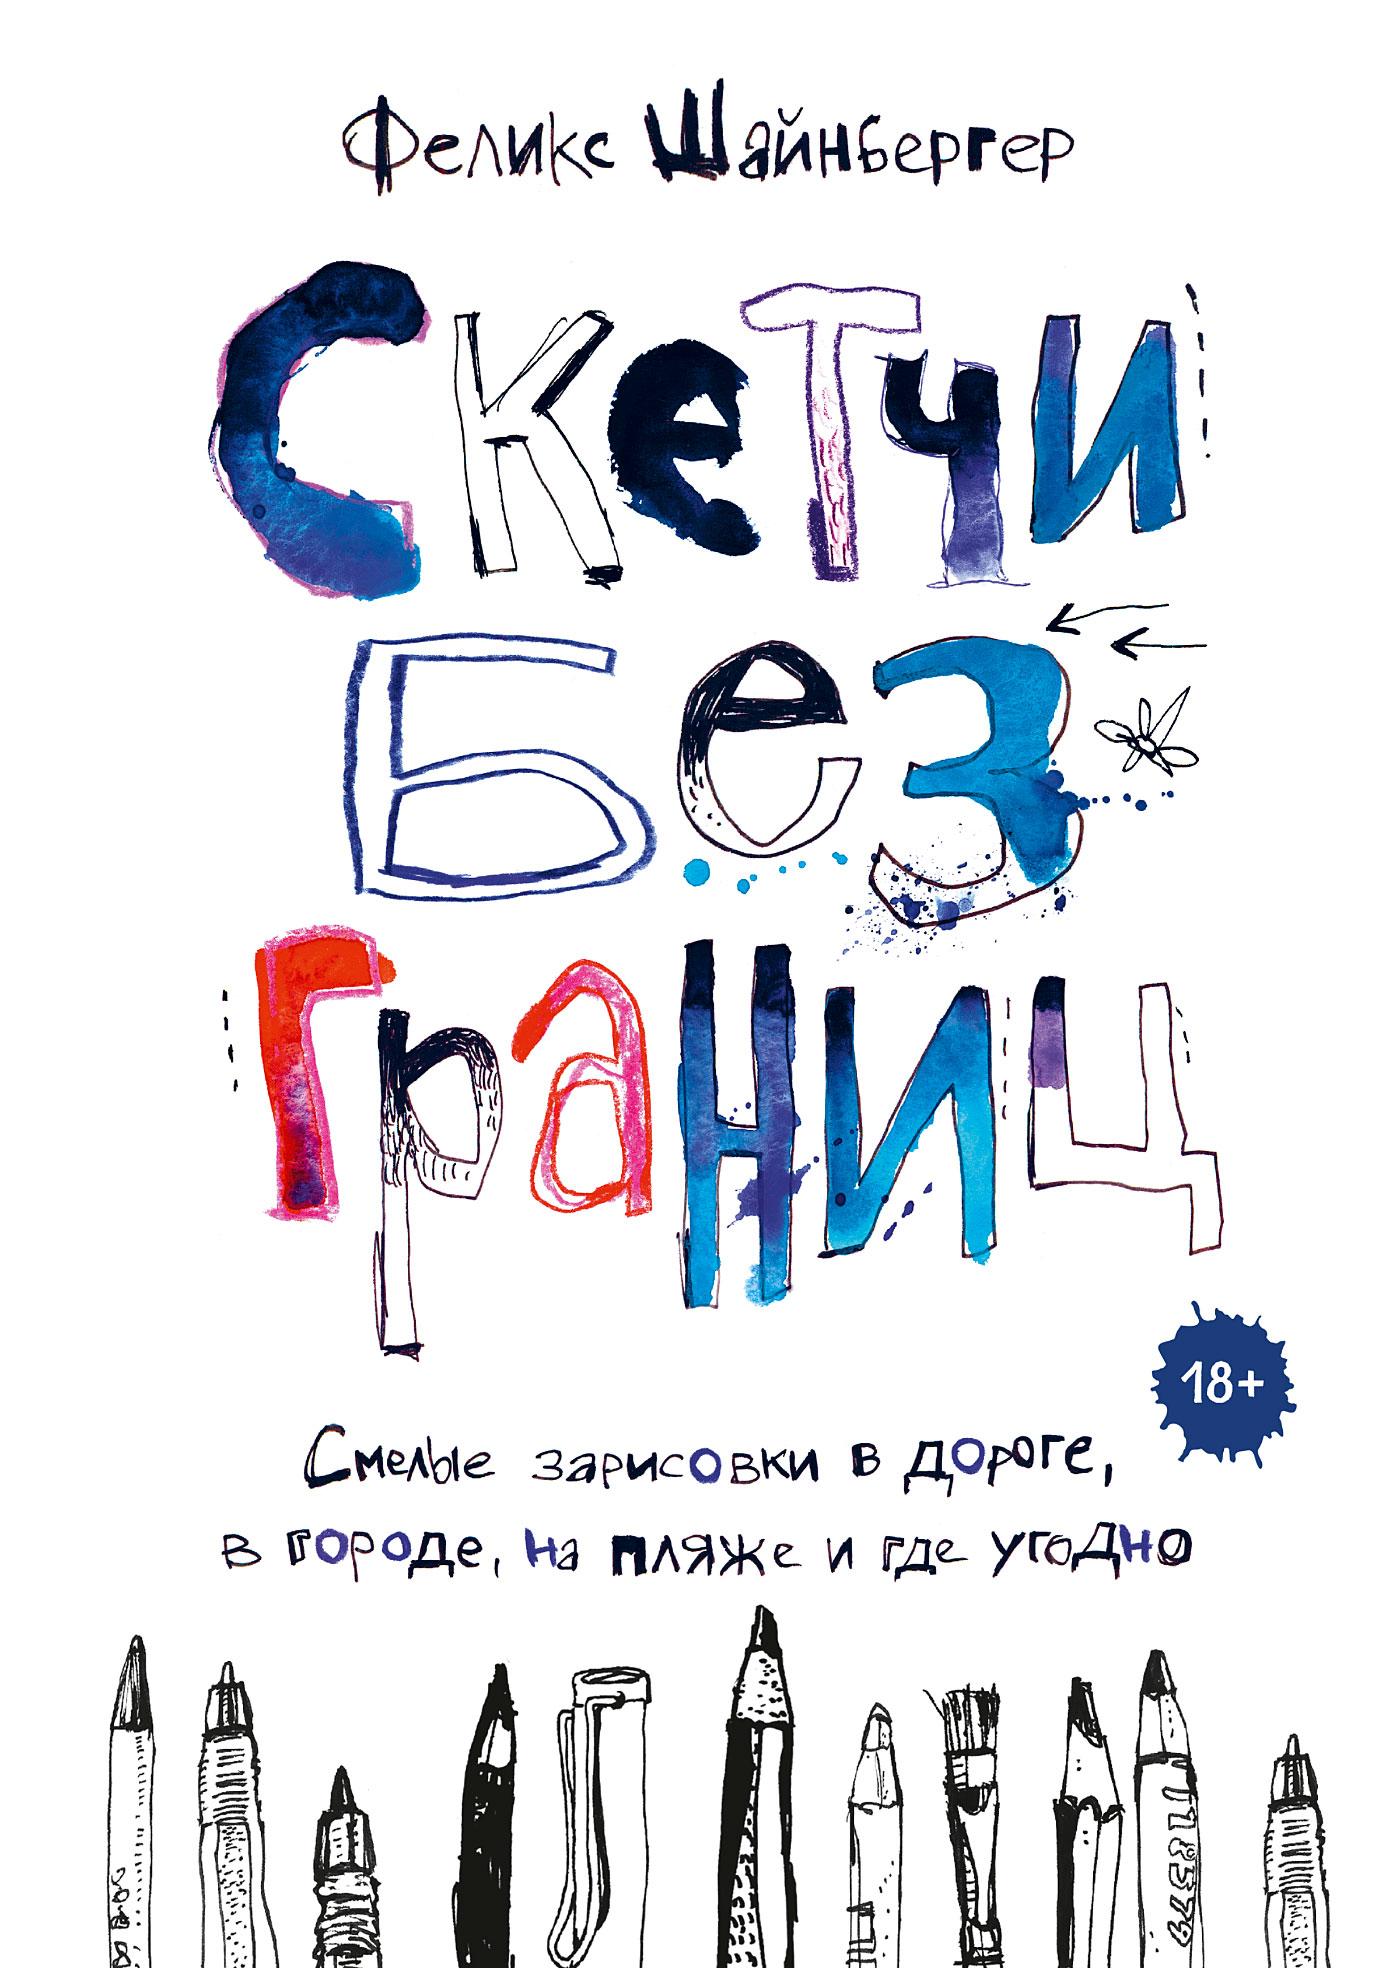 Феликс Шайнбергер Скетчи без границ шайнбергер ф скетчи без границ смелые зарисовки в дороге в городе на пляже и где угодно